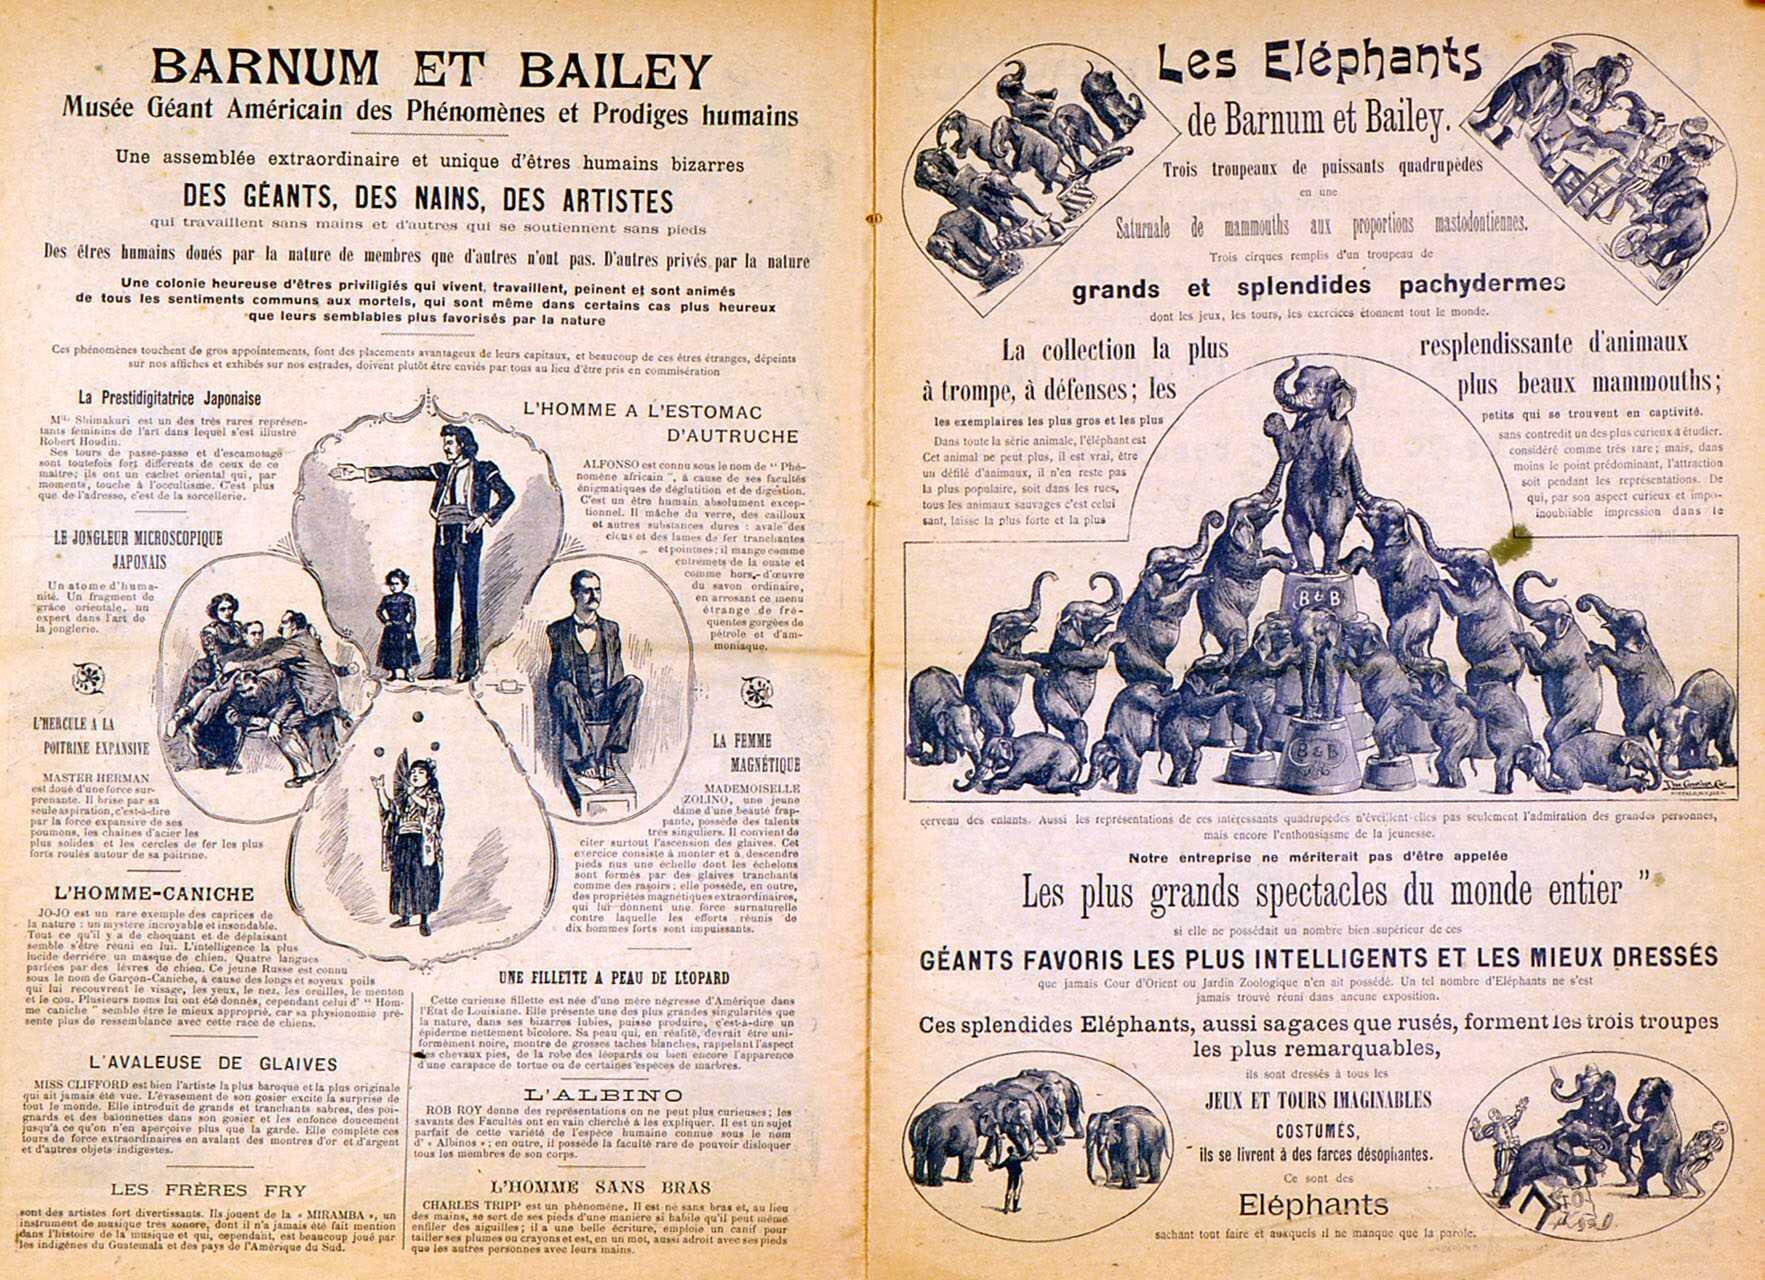 Amiens. Barnum and Bailey